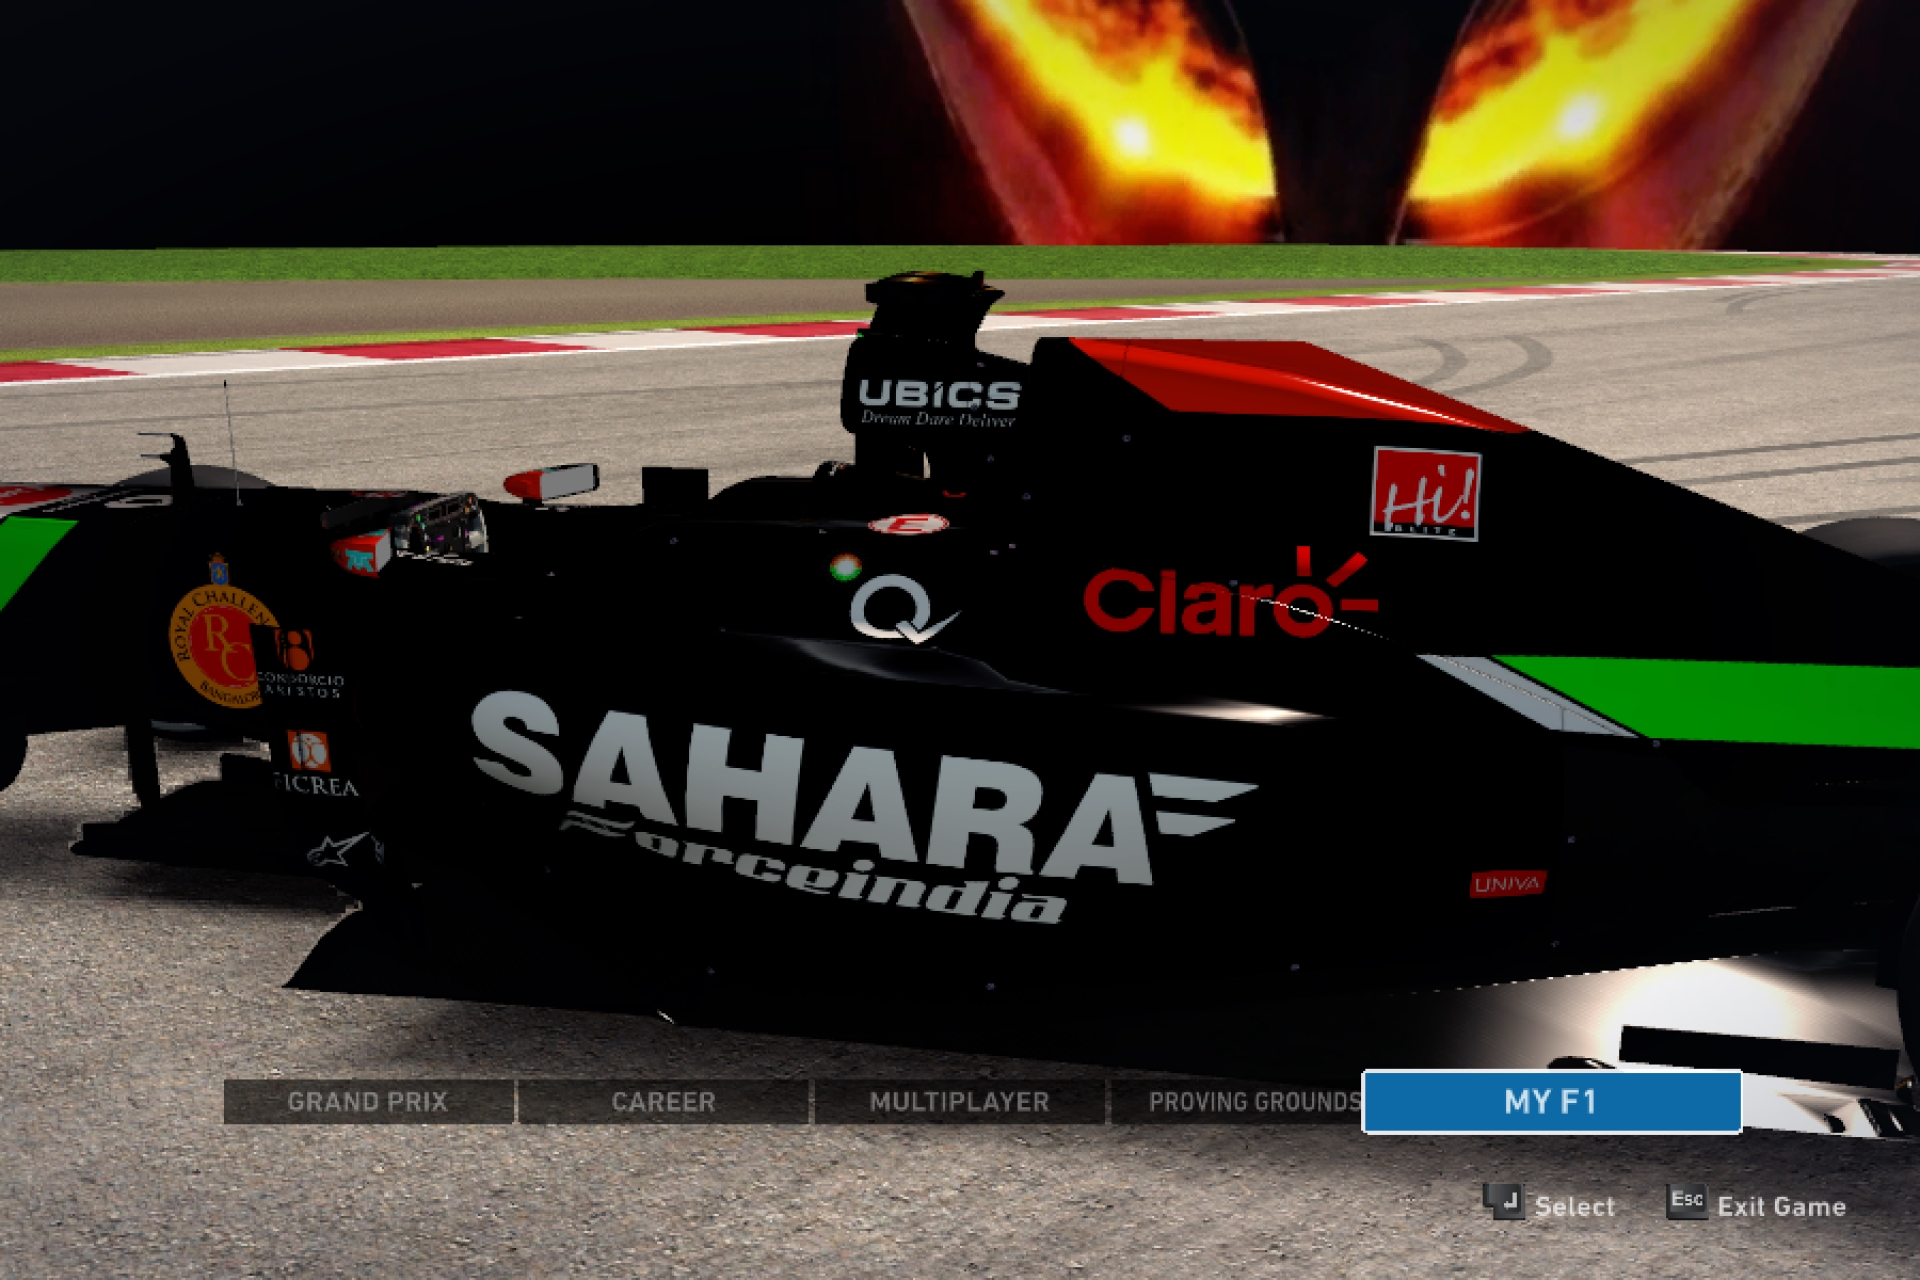 F1_2014 2015-07-12 09-34-37-101.jpg